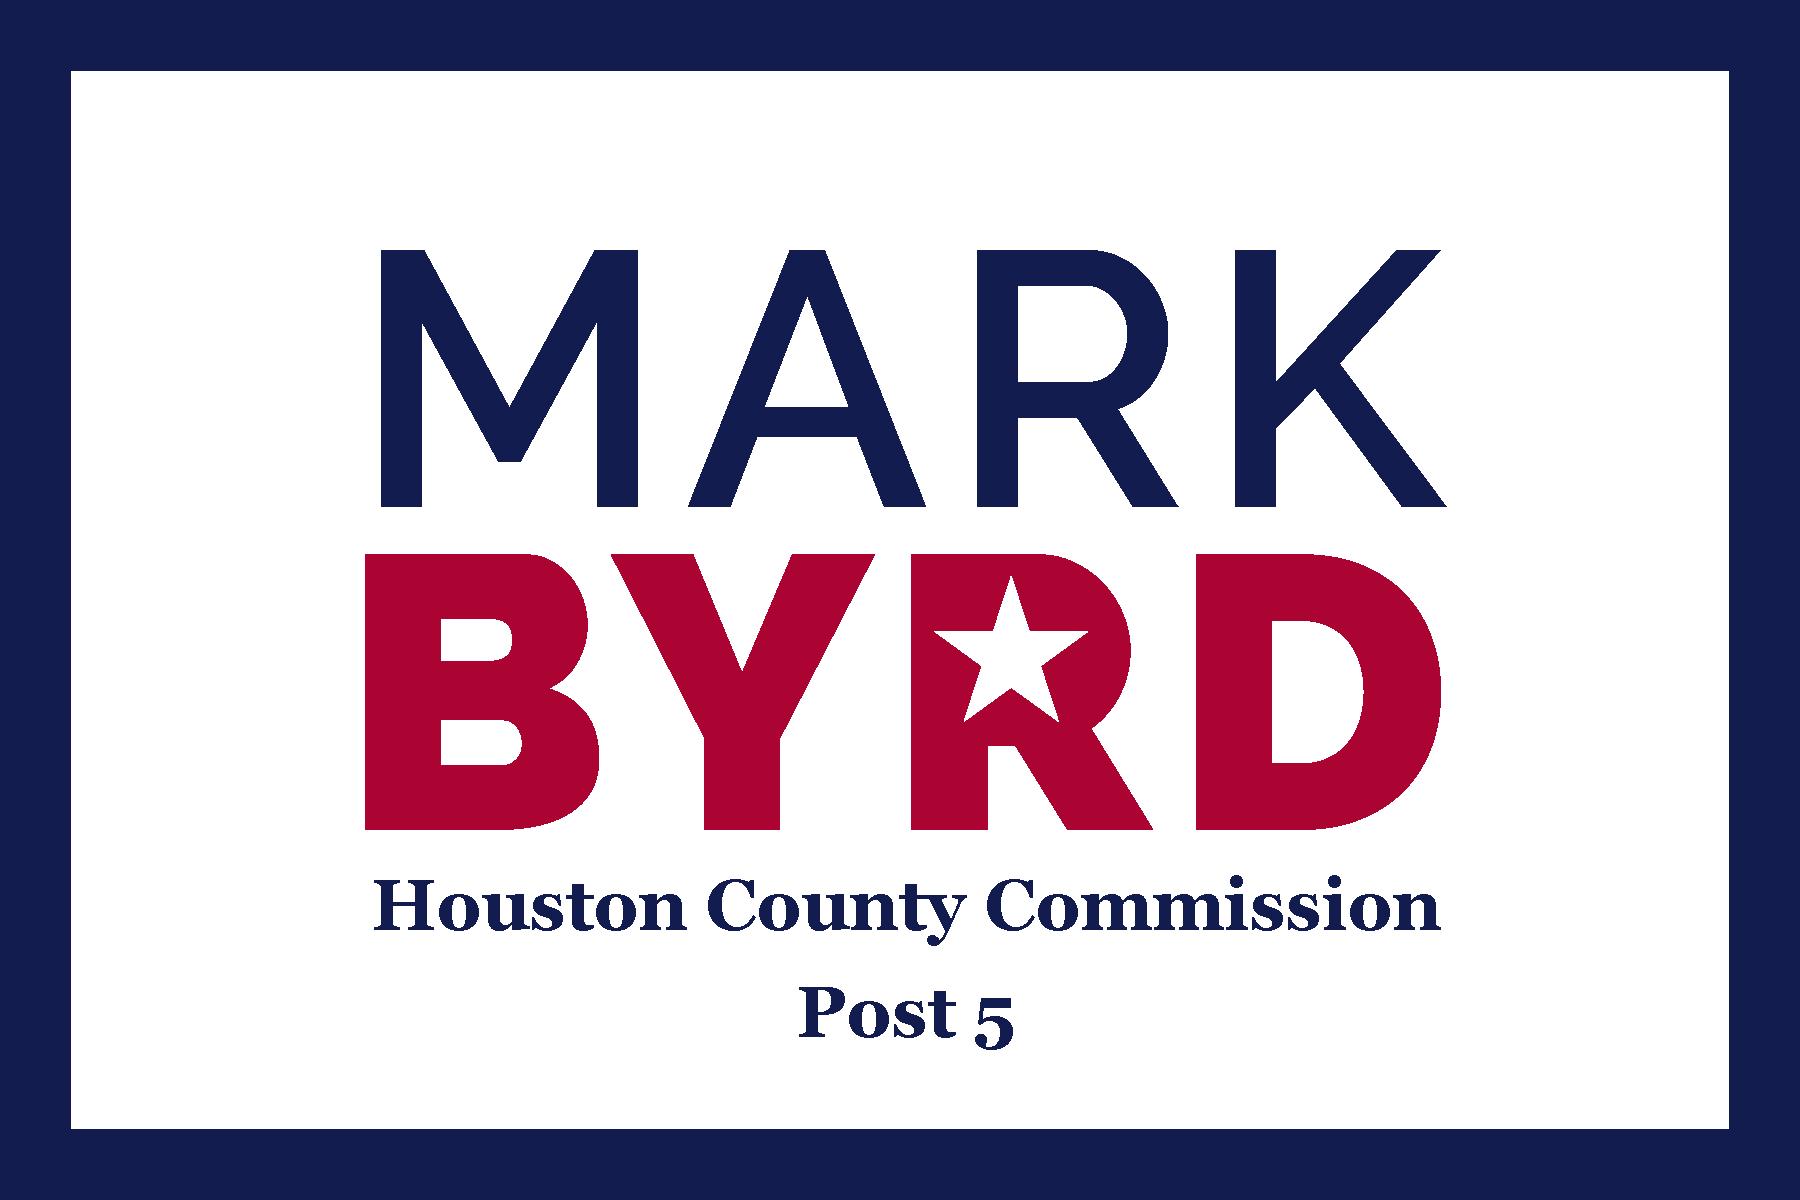 Mark Byrd